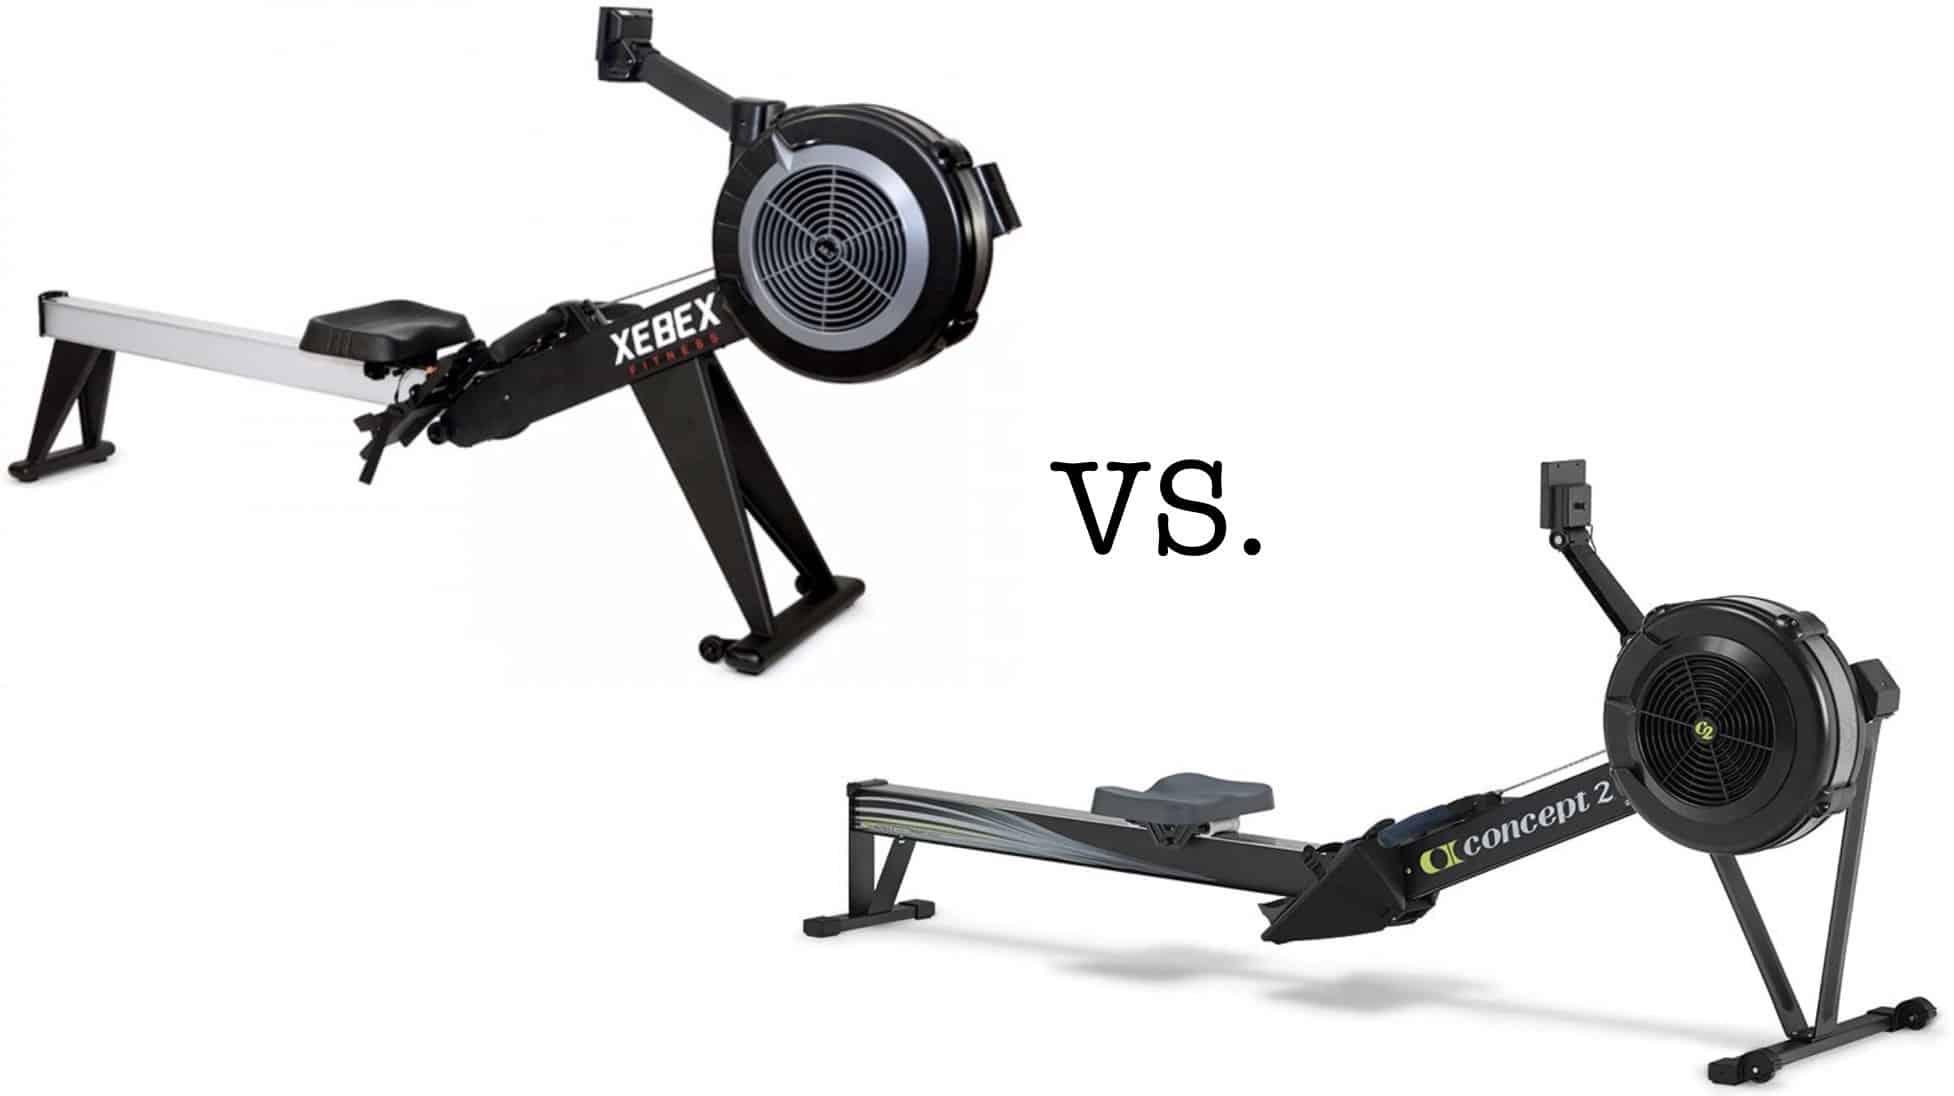 Xebex vs. Concept2 Comparison